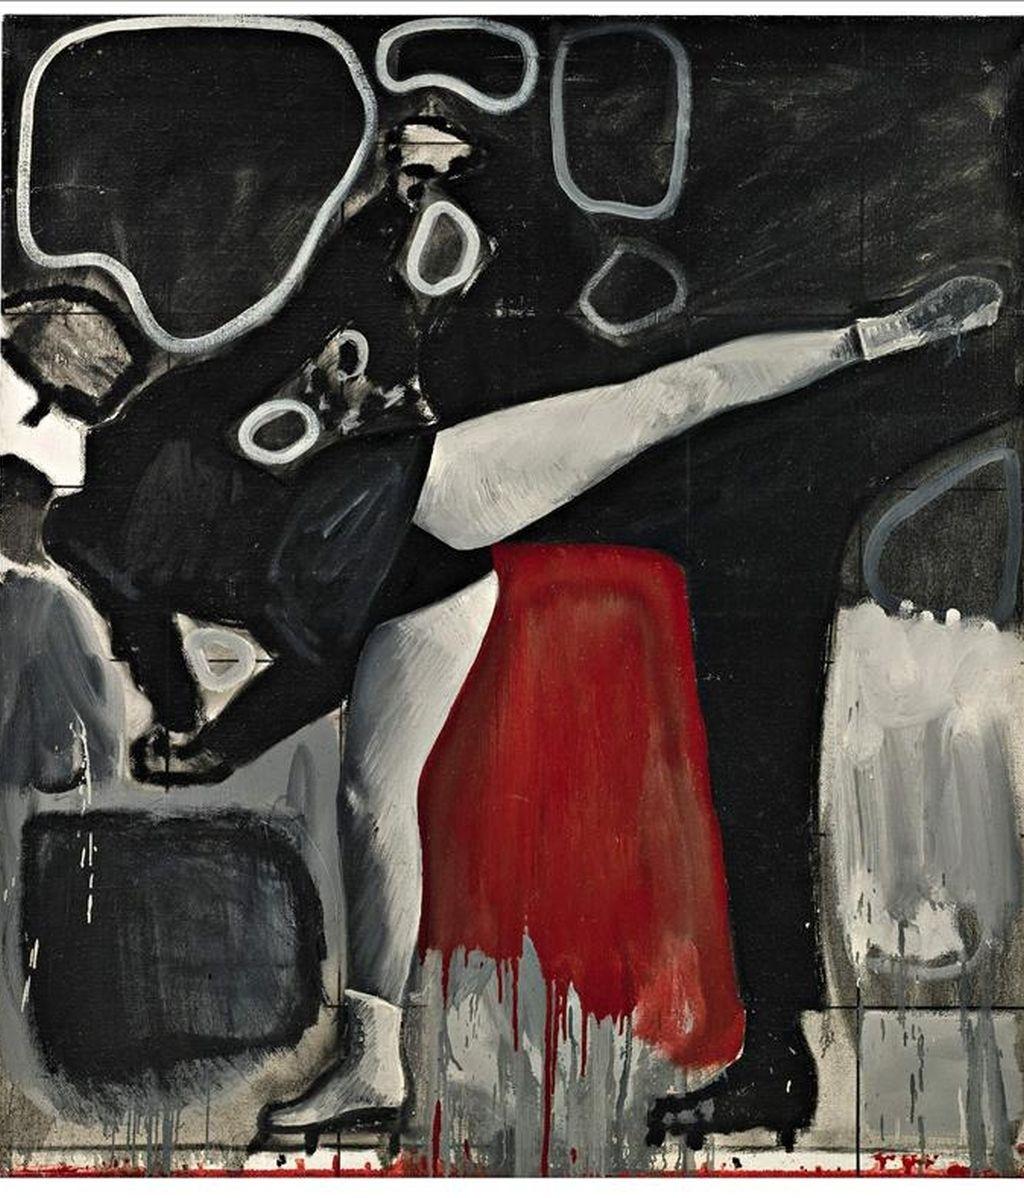 """Fotografía facilitada por Sotheby's de Londres del cuadro """"Eisläuferin"""" (Patinadora), del alemán Gerhard Richter, una de las 59 obras de algunos de los más destacados representantes del arte alemán de los últimos años, George Baselitz, o Sigmar Polke, además de Gerhard Richter, que saldrán a subasta el 29 y 30 de junio próximo. EFE"""